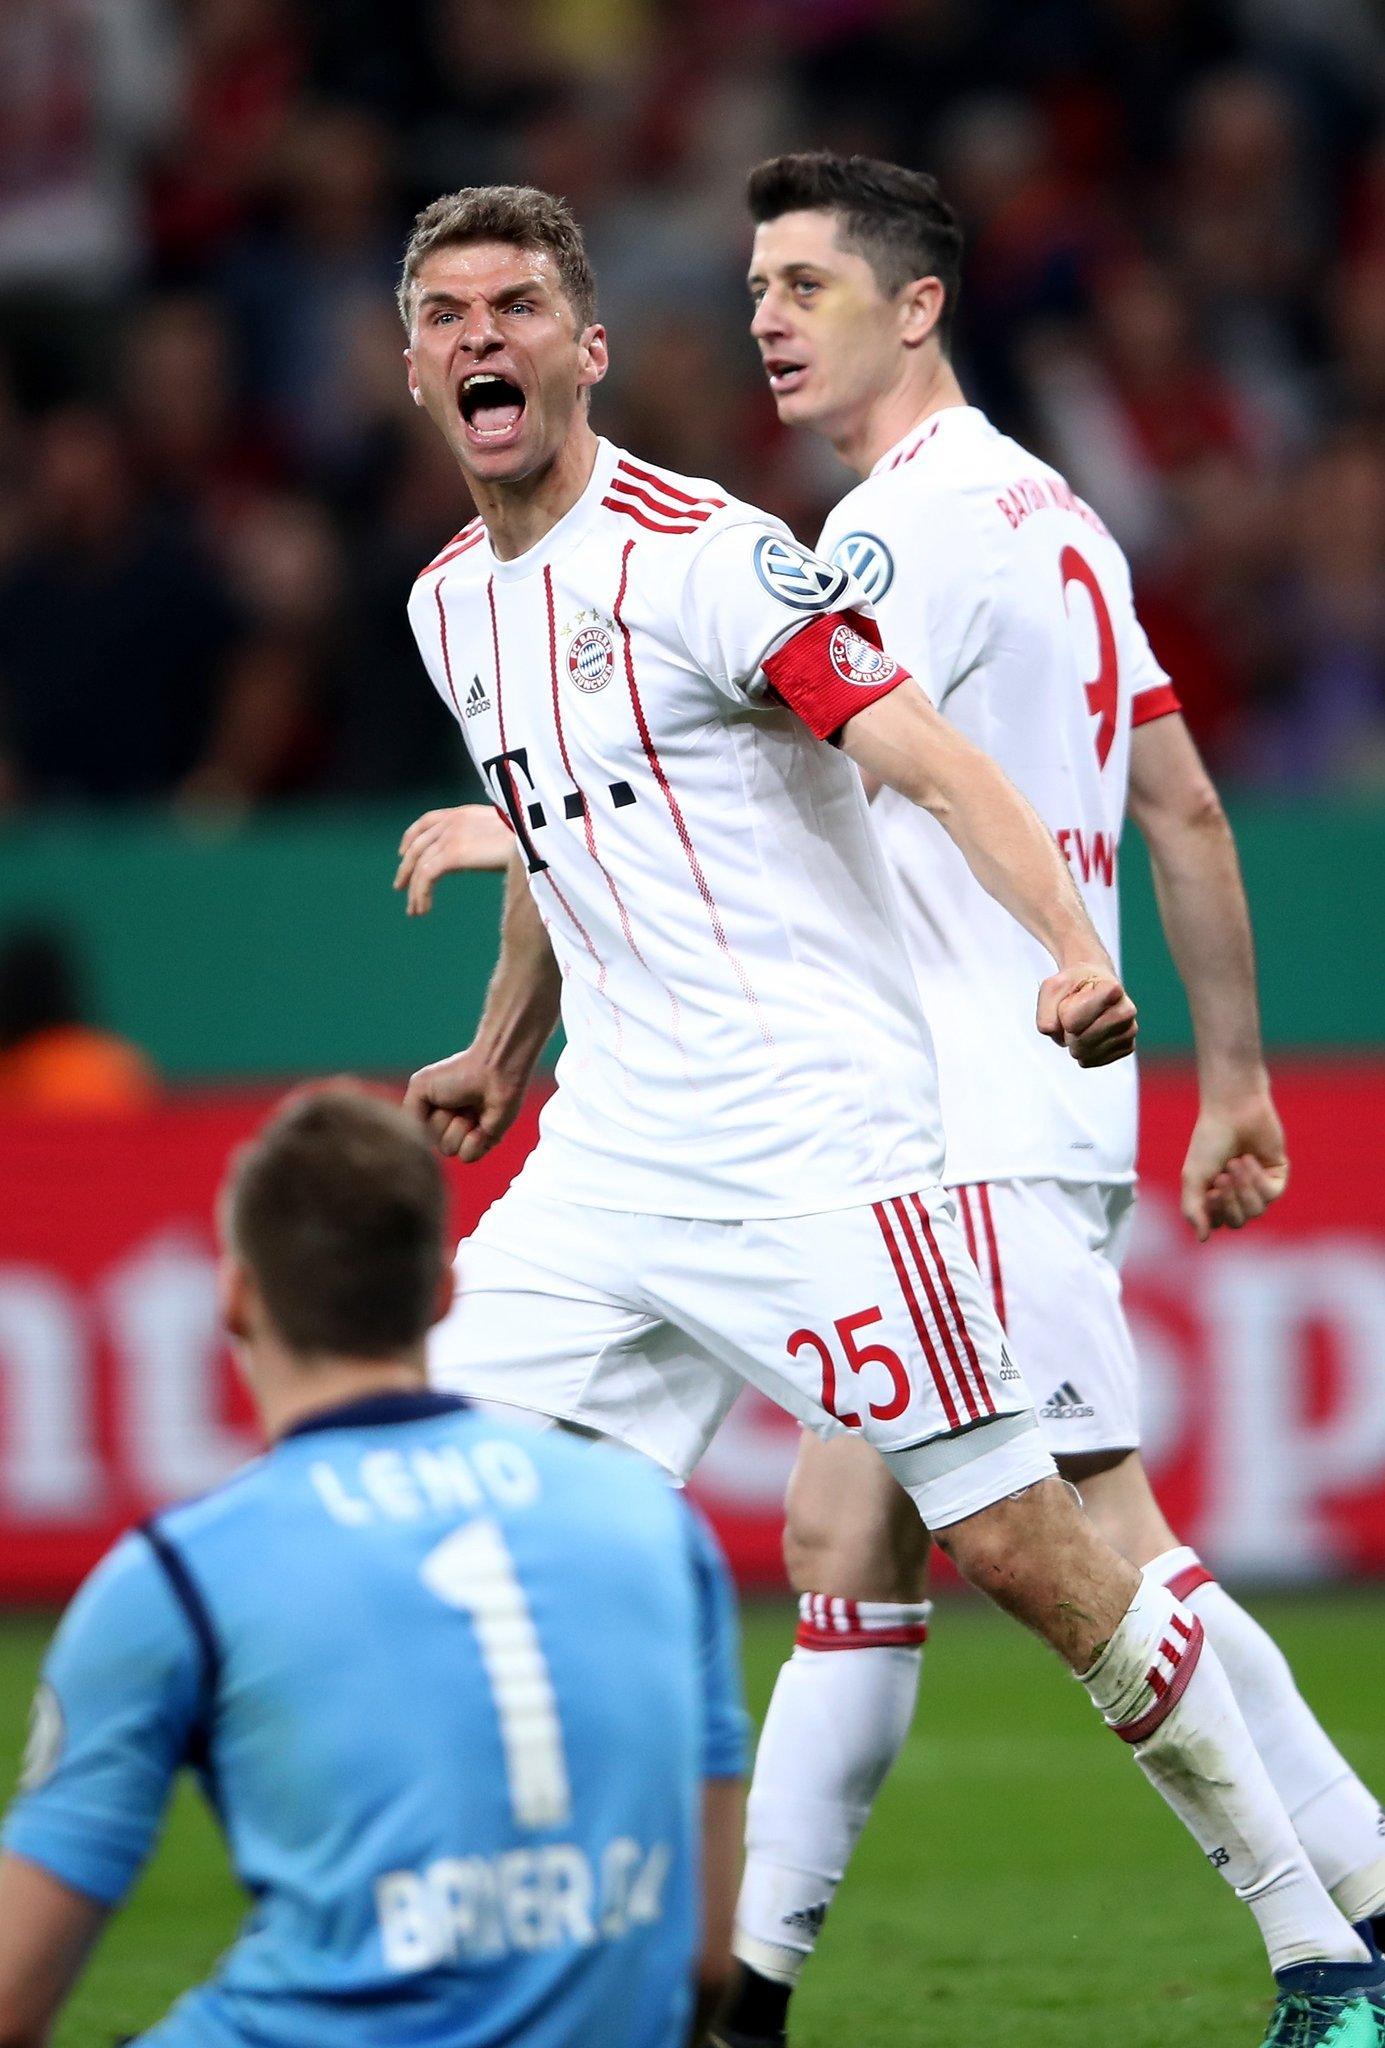 德国杯-蒂亚戈传射穆勒大三元 拜仁6-2晋级决赛